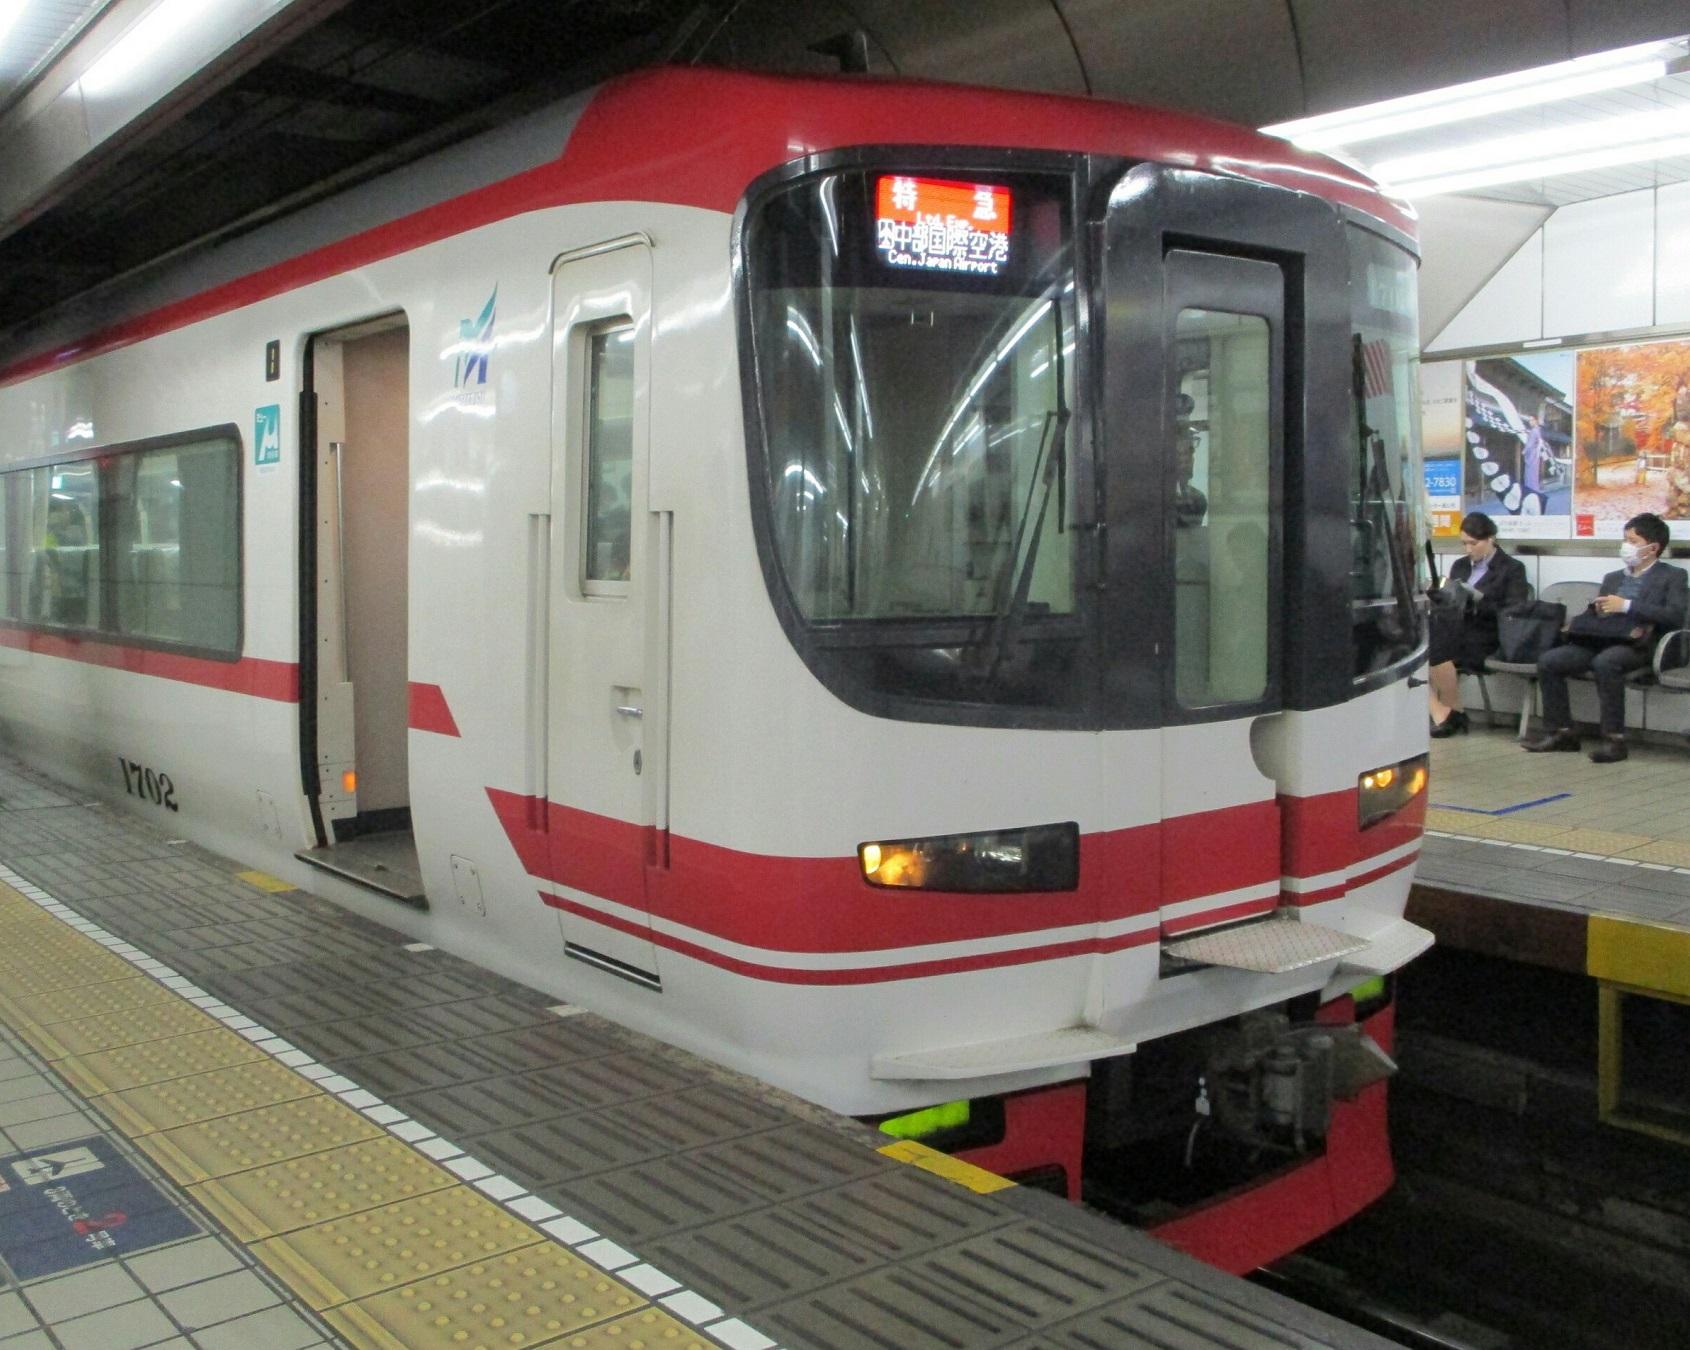 2018.11.21 (25) 名古屋 - セントレアいき特急 1690-1350